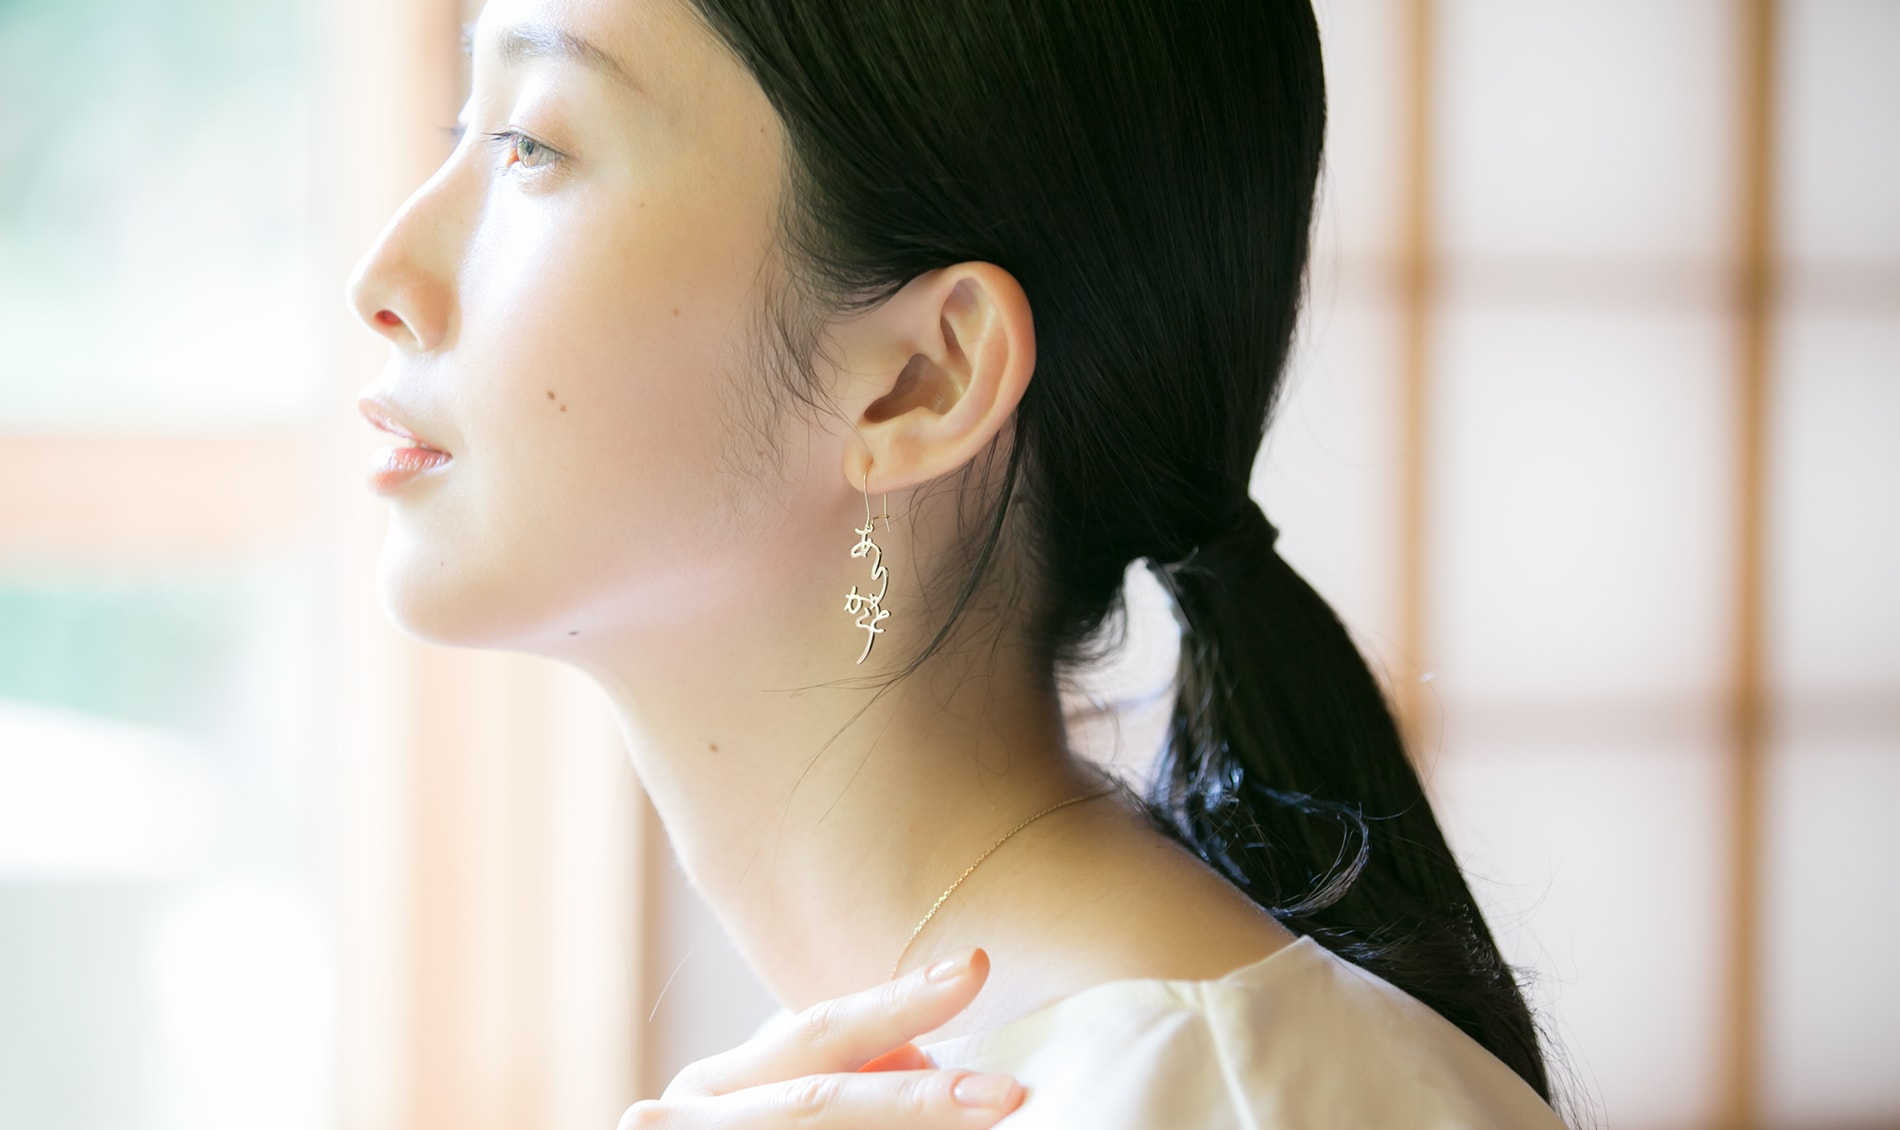 参照:saorikunihiro.com